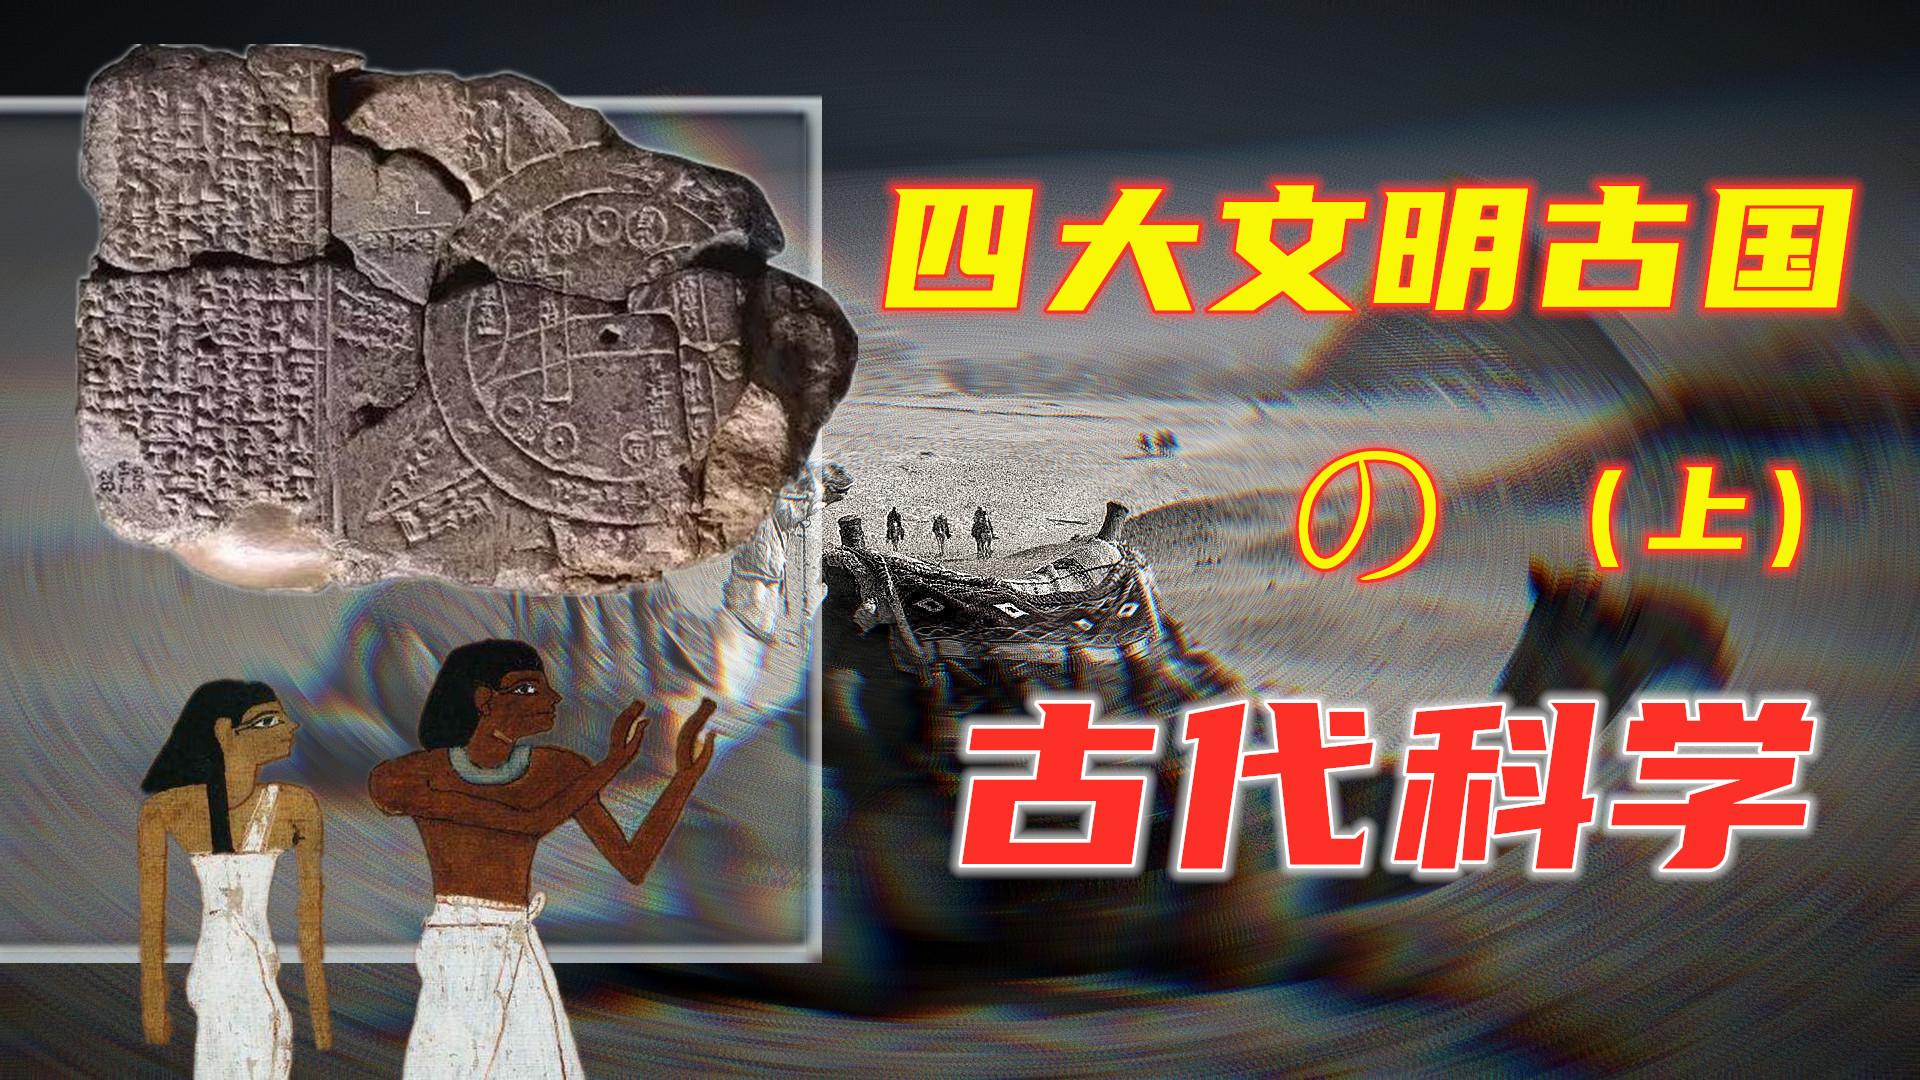 四大文明古国的古代科学成就!古埃及人的高智慧,传承影响(上)